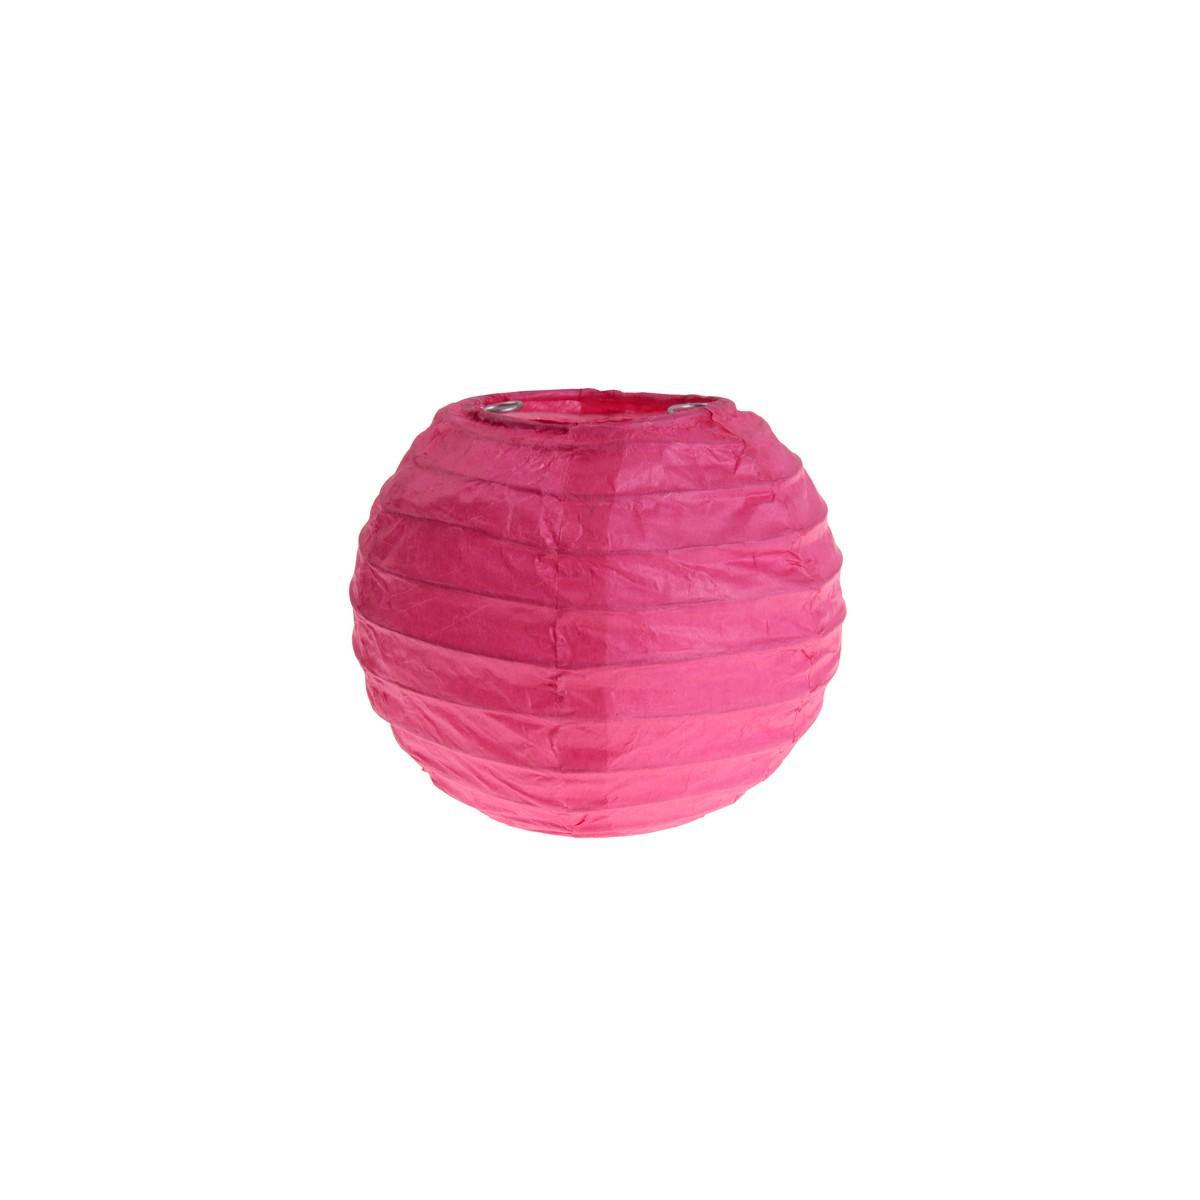 2x Mini Lanterne Papier 7.5cm - Fuchsia